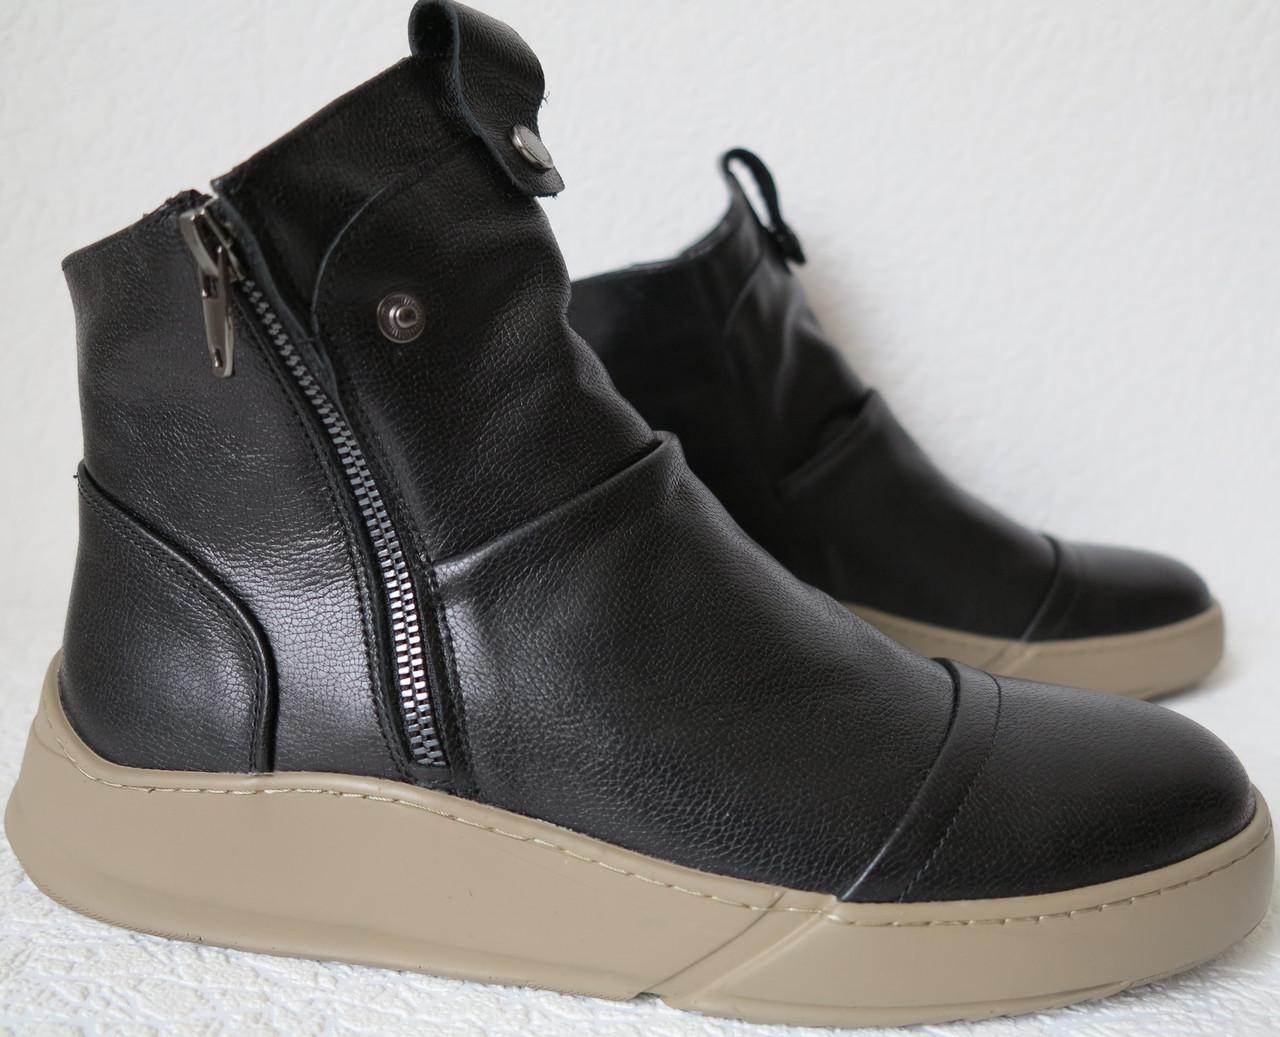 98b49de4e4a6da Gross жіночі стильні чорні зимові шкіряні черевики зі змійкою напівчеревики  Грос чоботи кежуал великі розміри -